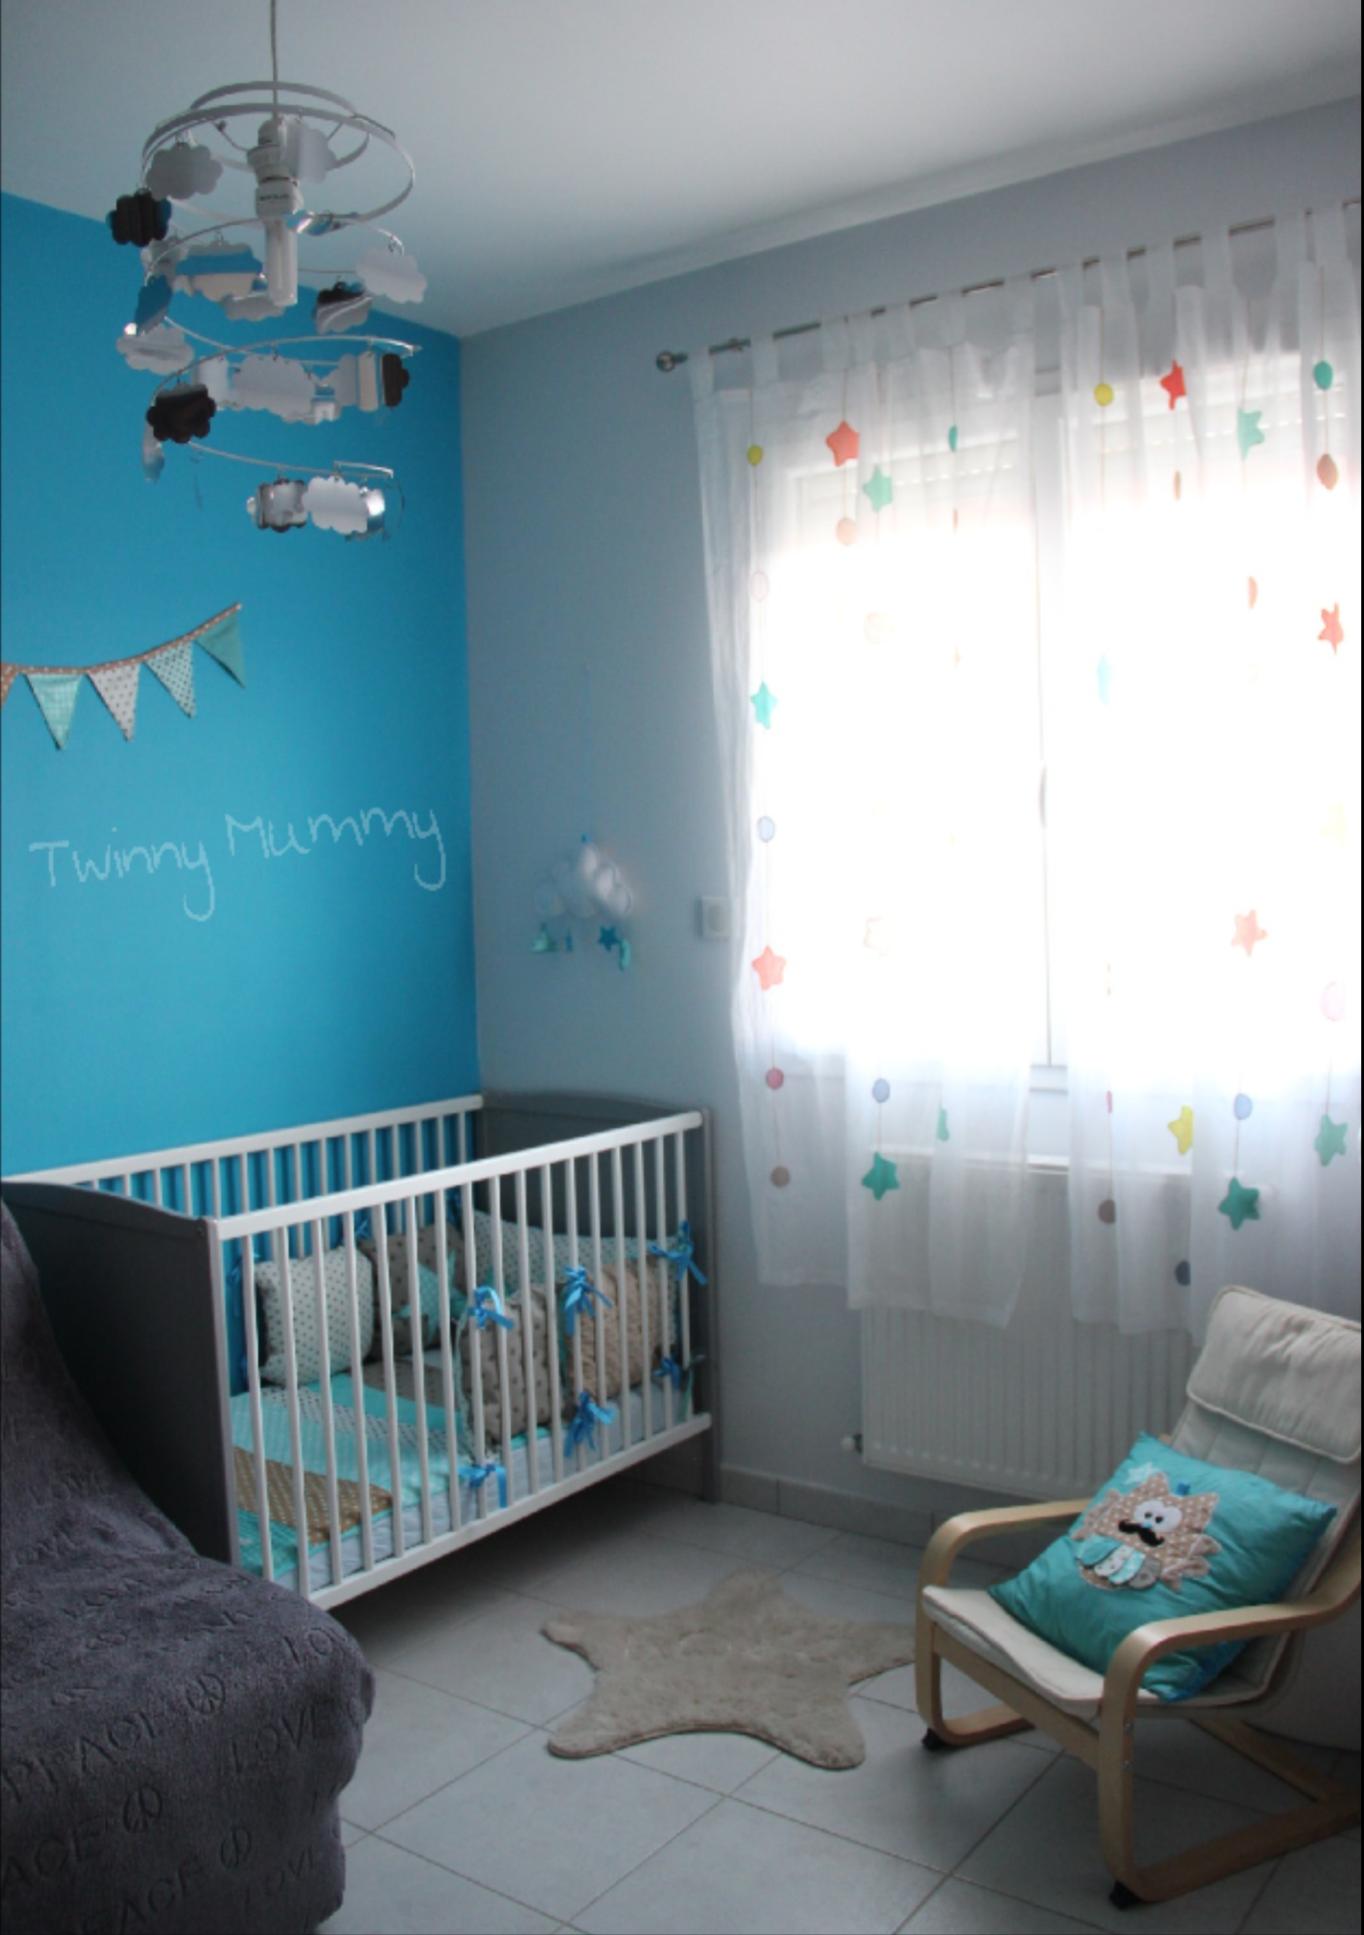 La chambre de b b doudoune enimages for La chambre de bebe